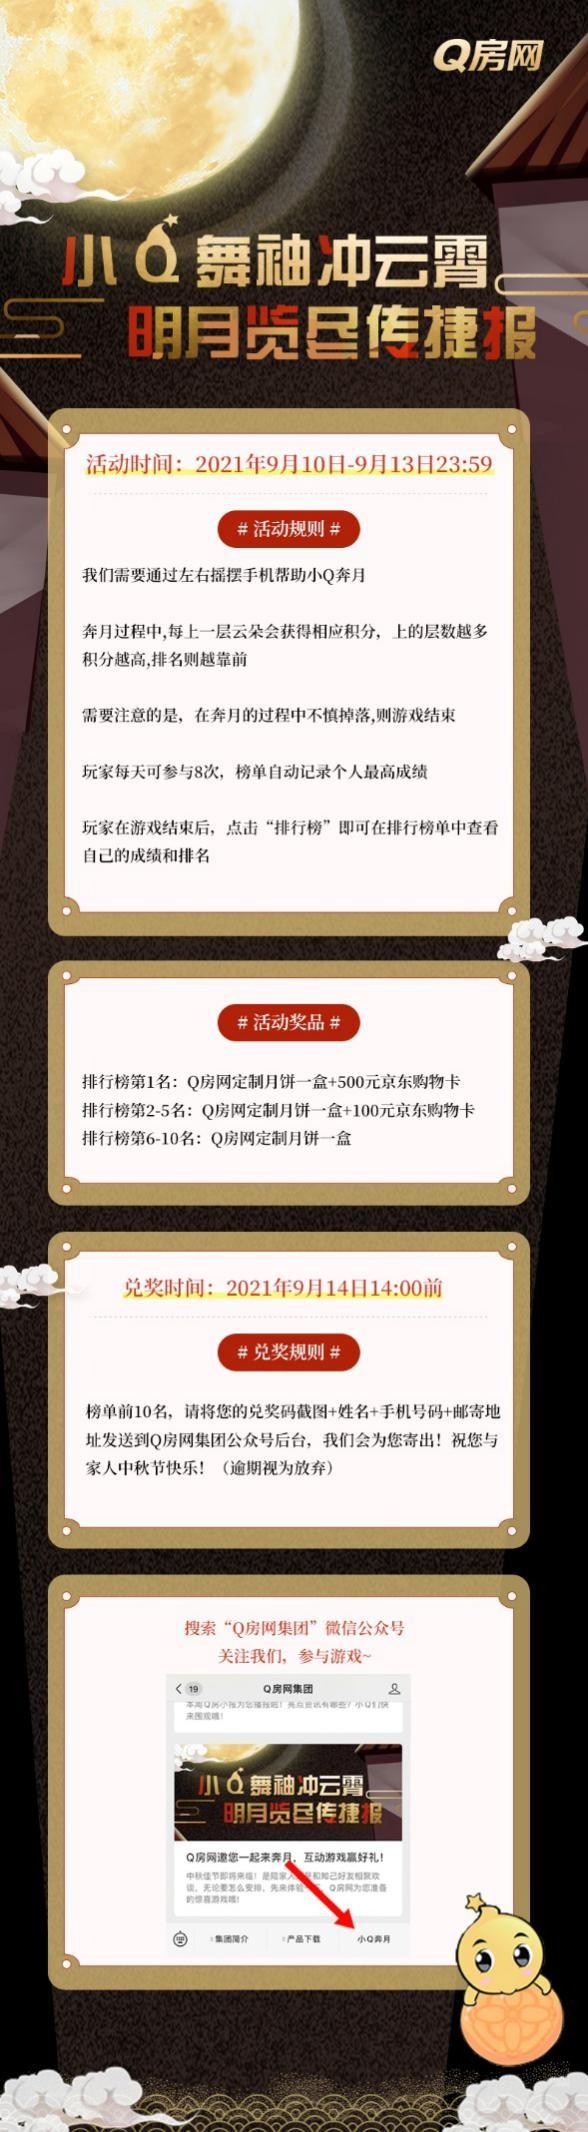 """Q房网邀您一起来奔月,互动游戏赢""""中秋月饼""""+购物卡"""